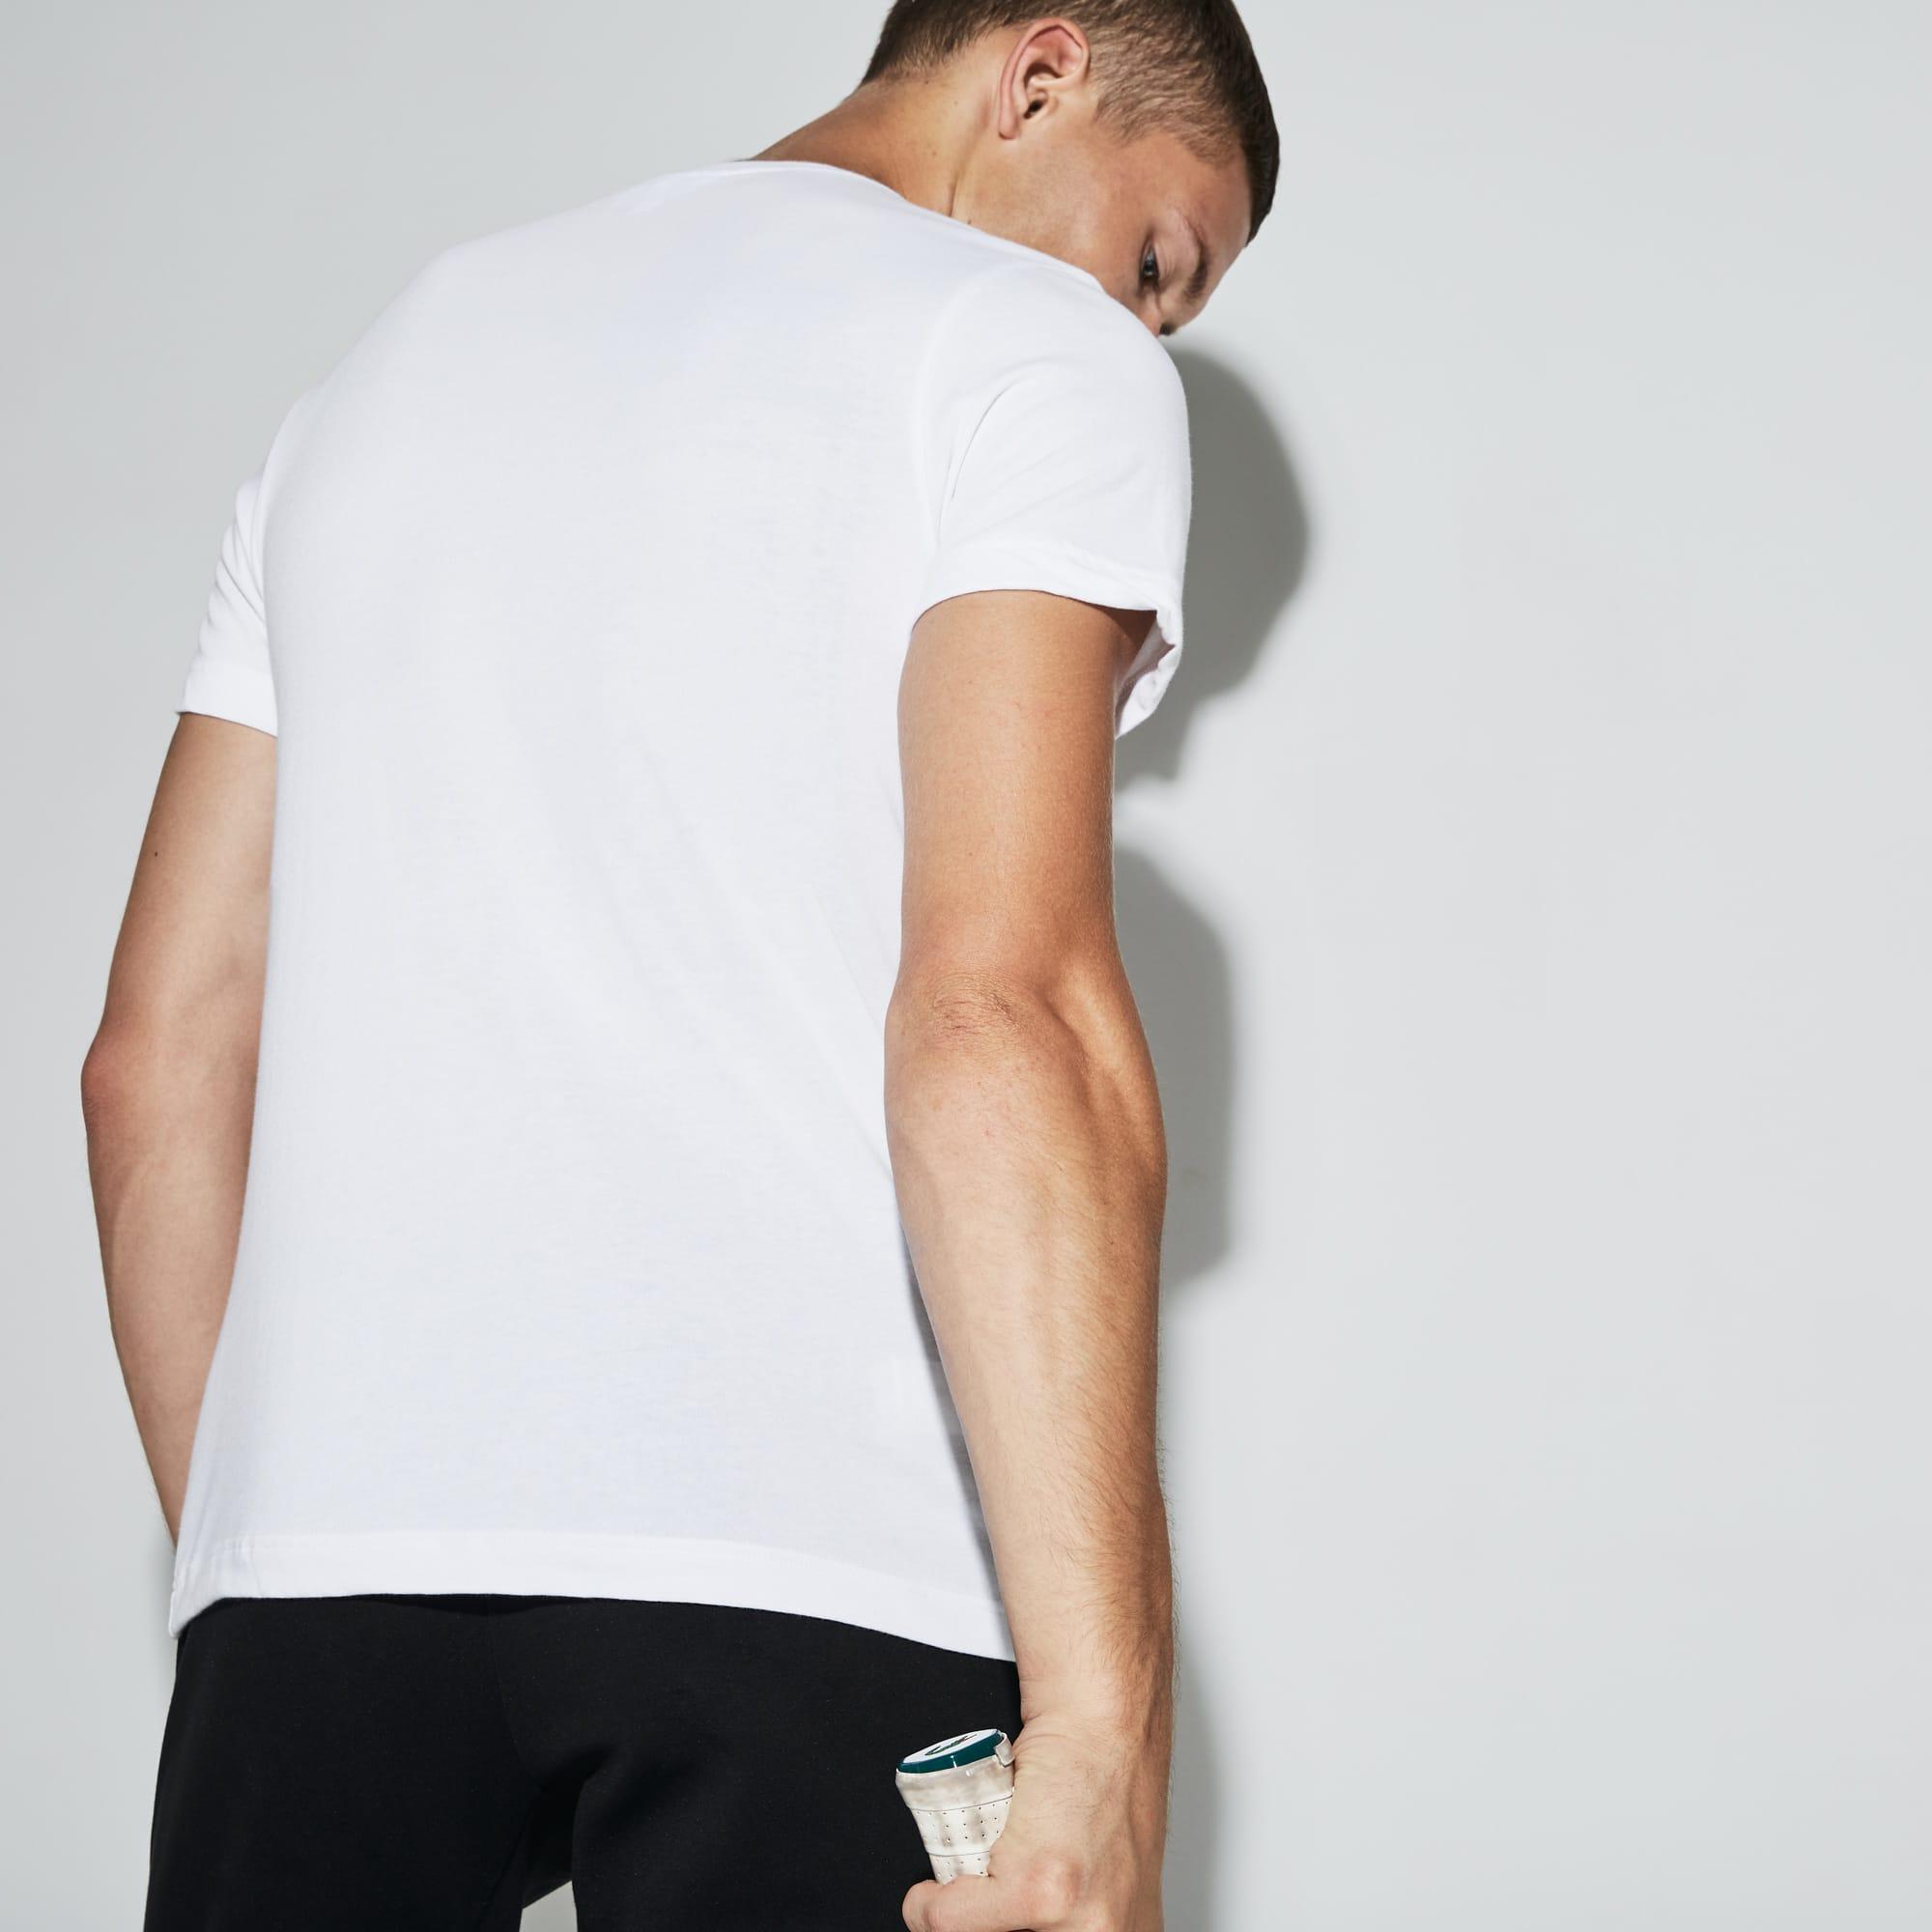 Lacoste - Herren LACOSTE SPORT Rundhals Tennis T-Shirt aus Jersey - 2